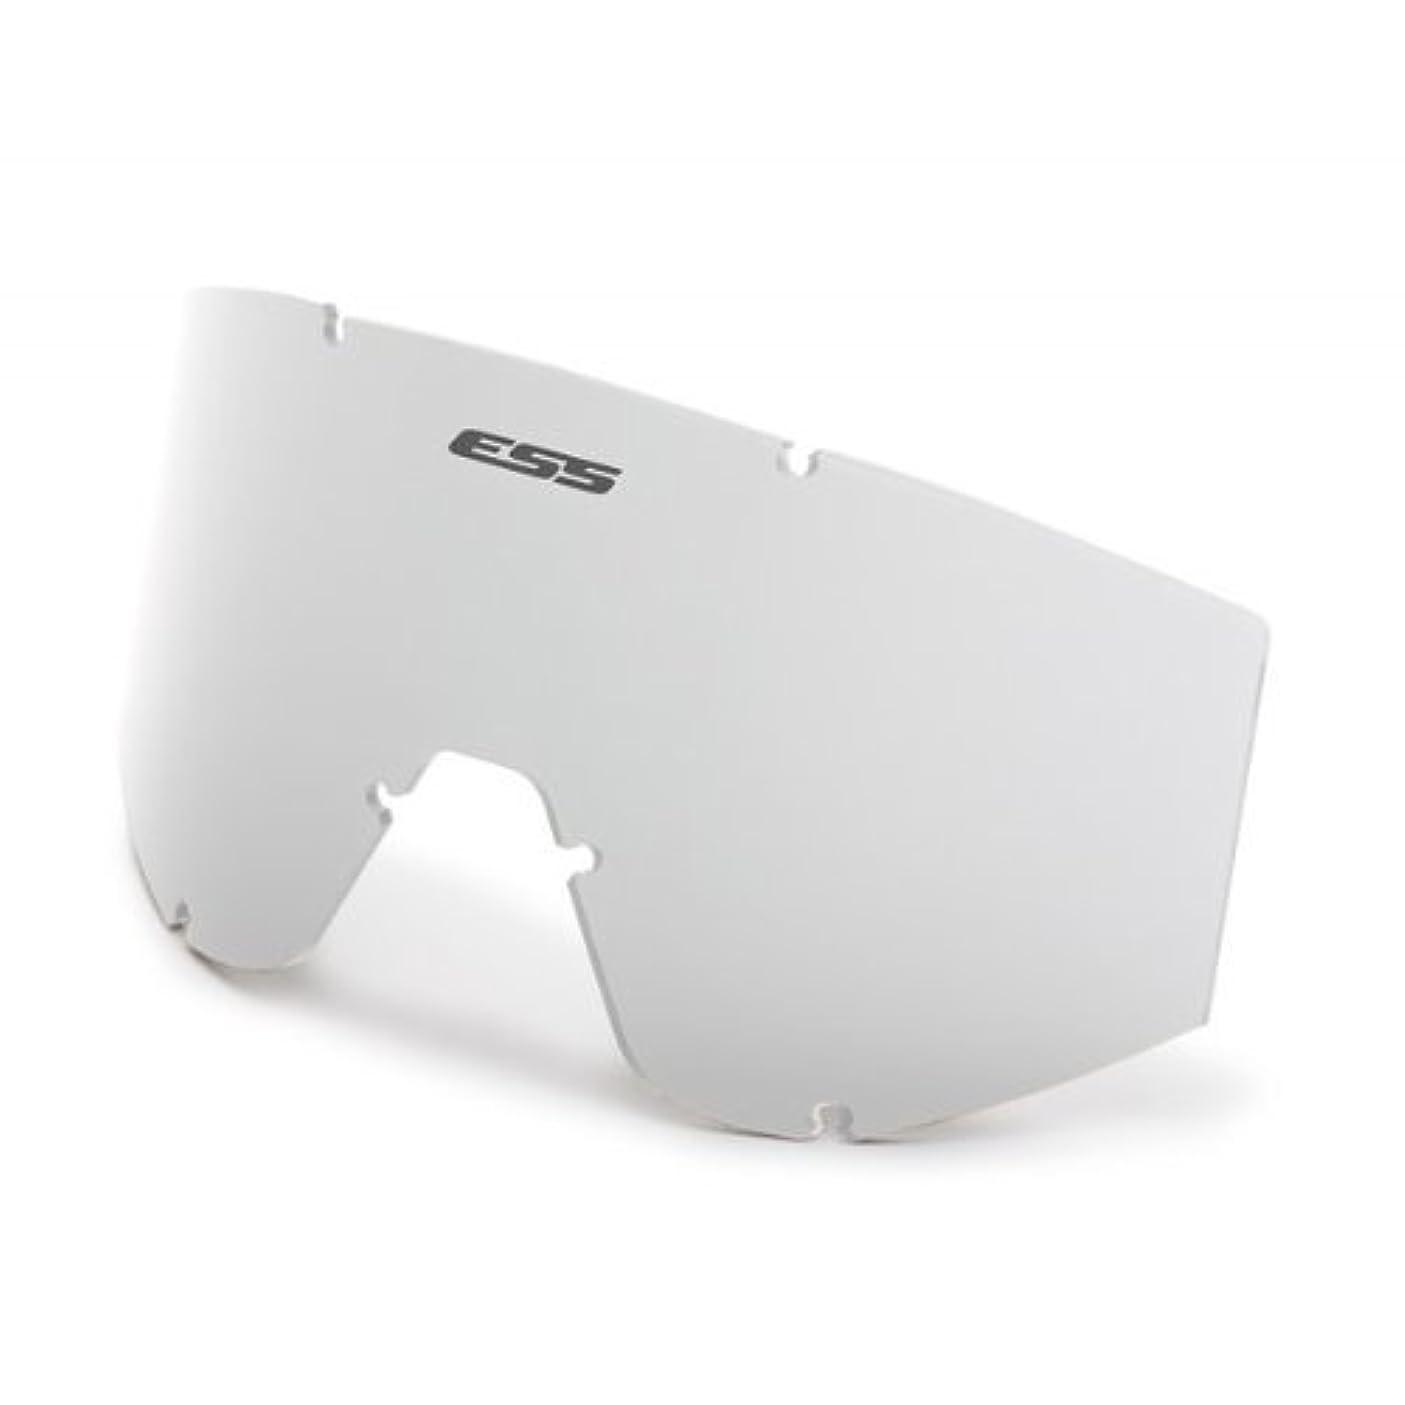 選ぶ長椅子複雑な【日本正規品】ESS ストライカー用 交換レンズ クリア